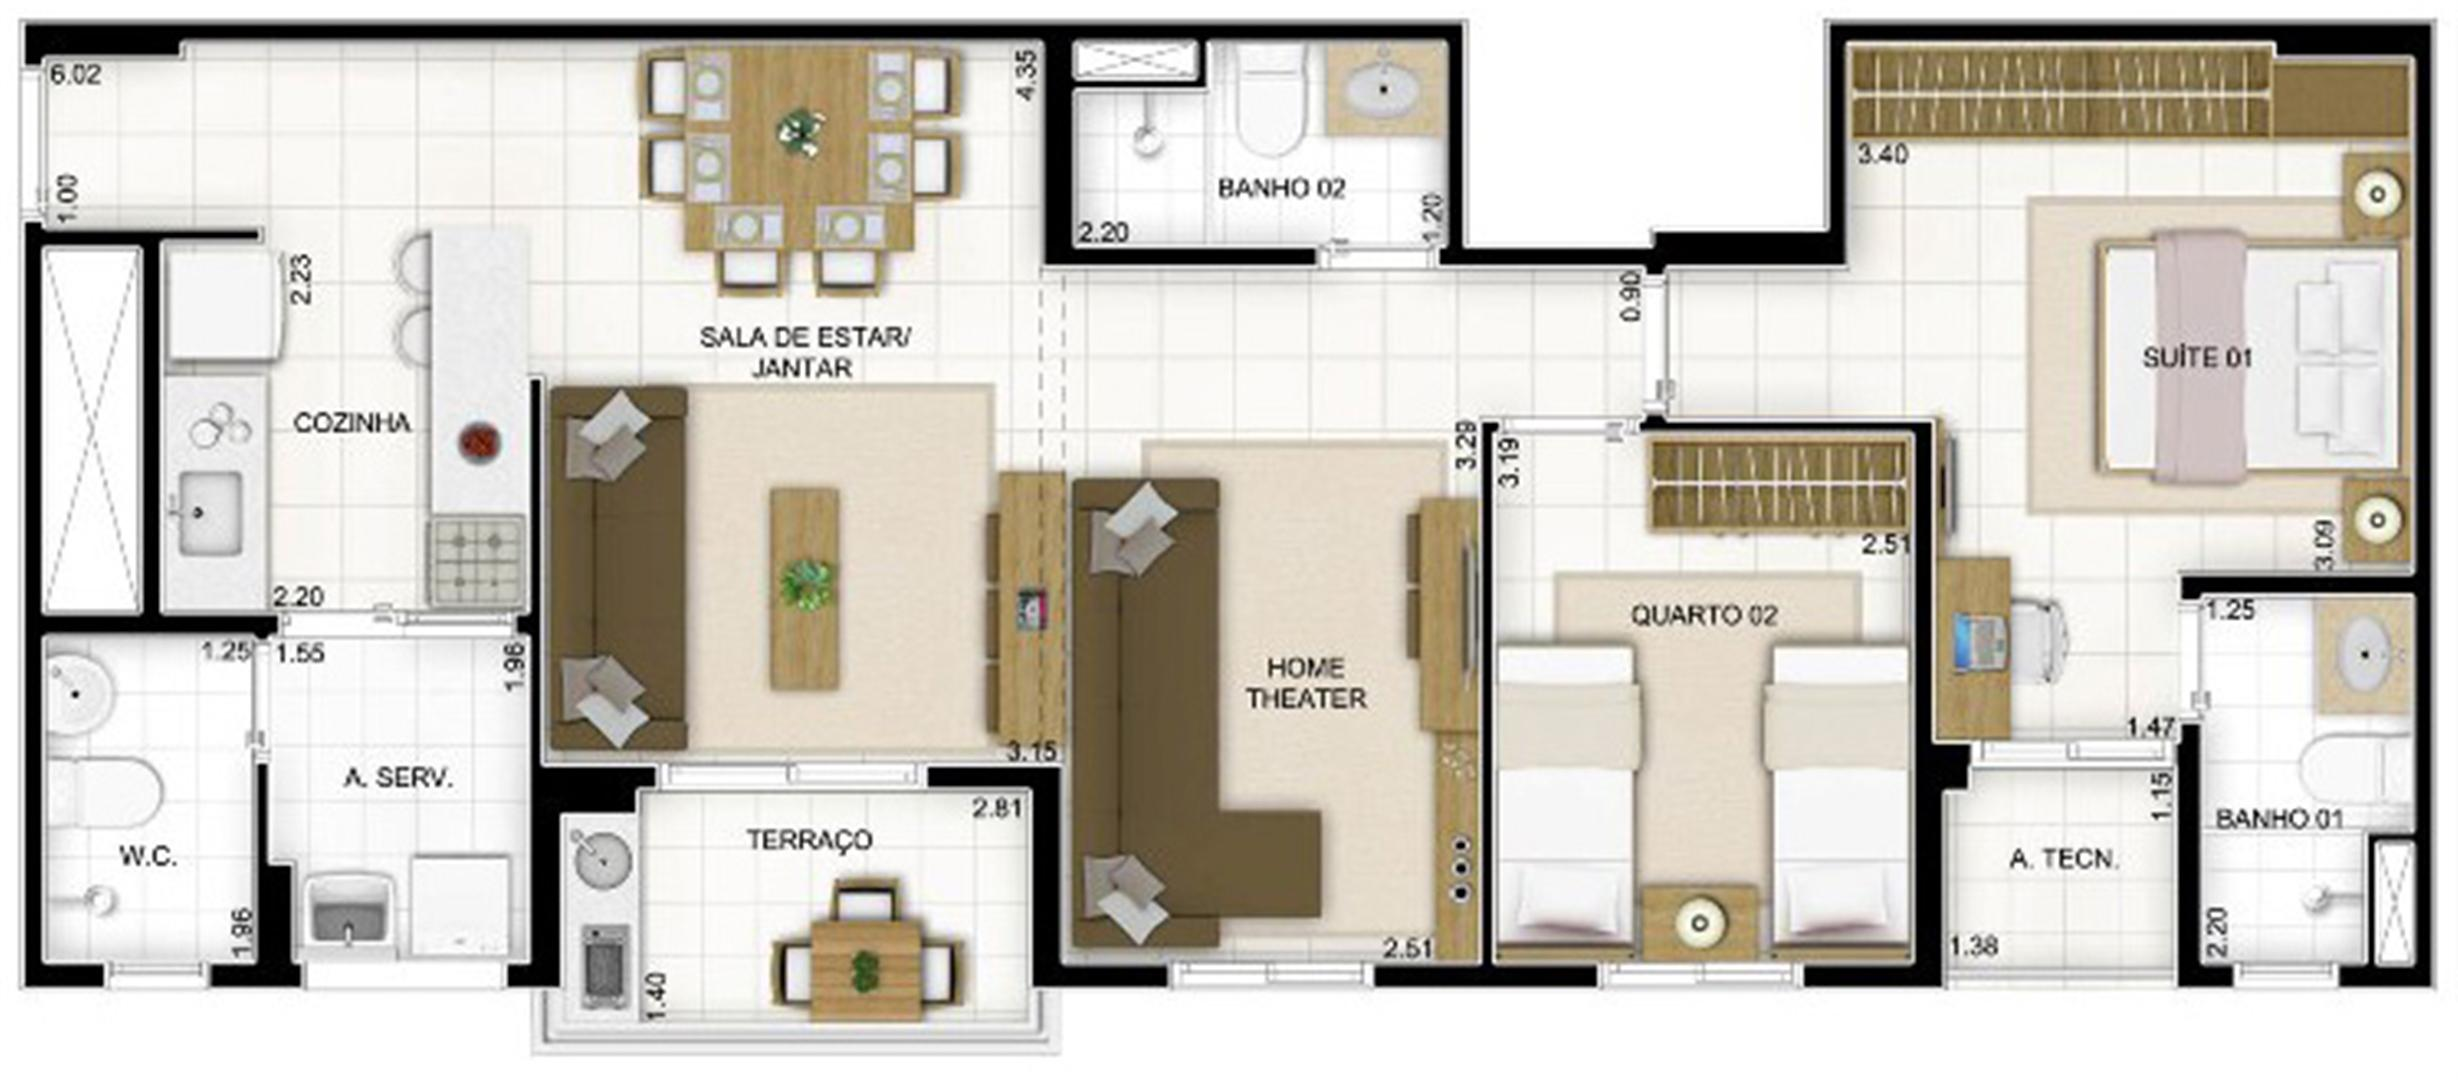 Planta 3 quartos Sala Ampliada   Quartier Lagoa Nova – Apartamento na  Lagoa Nova - Natal - Rio Grande do Norte